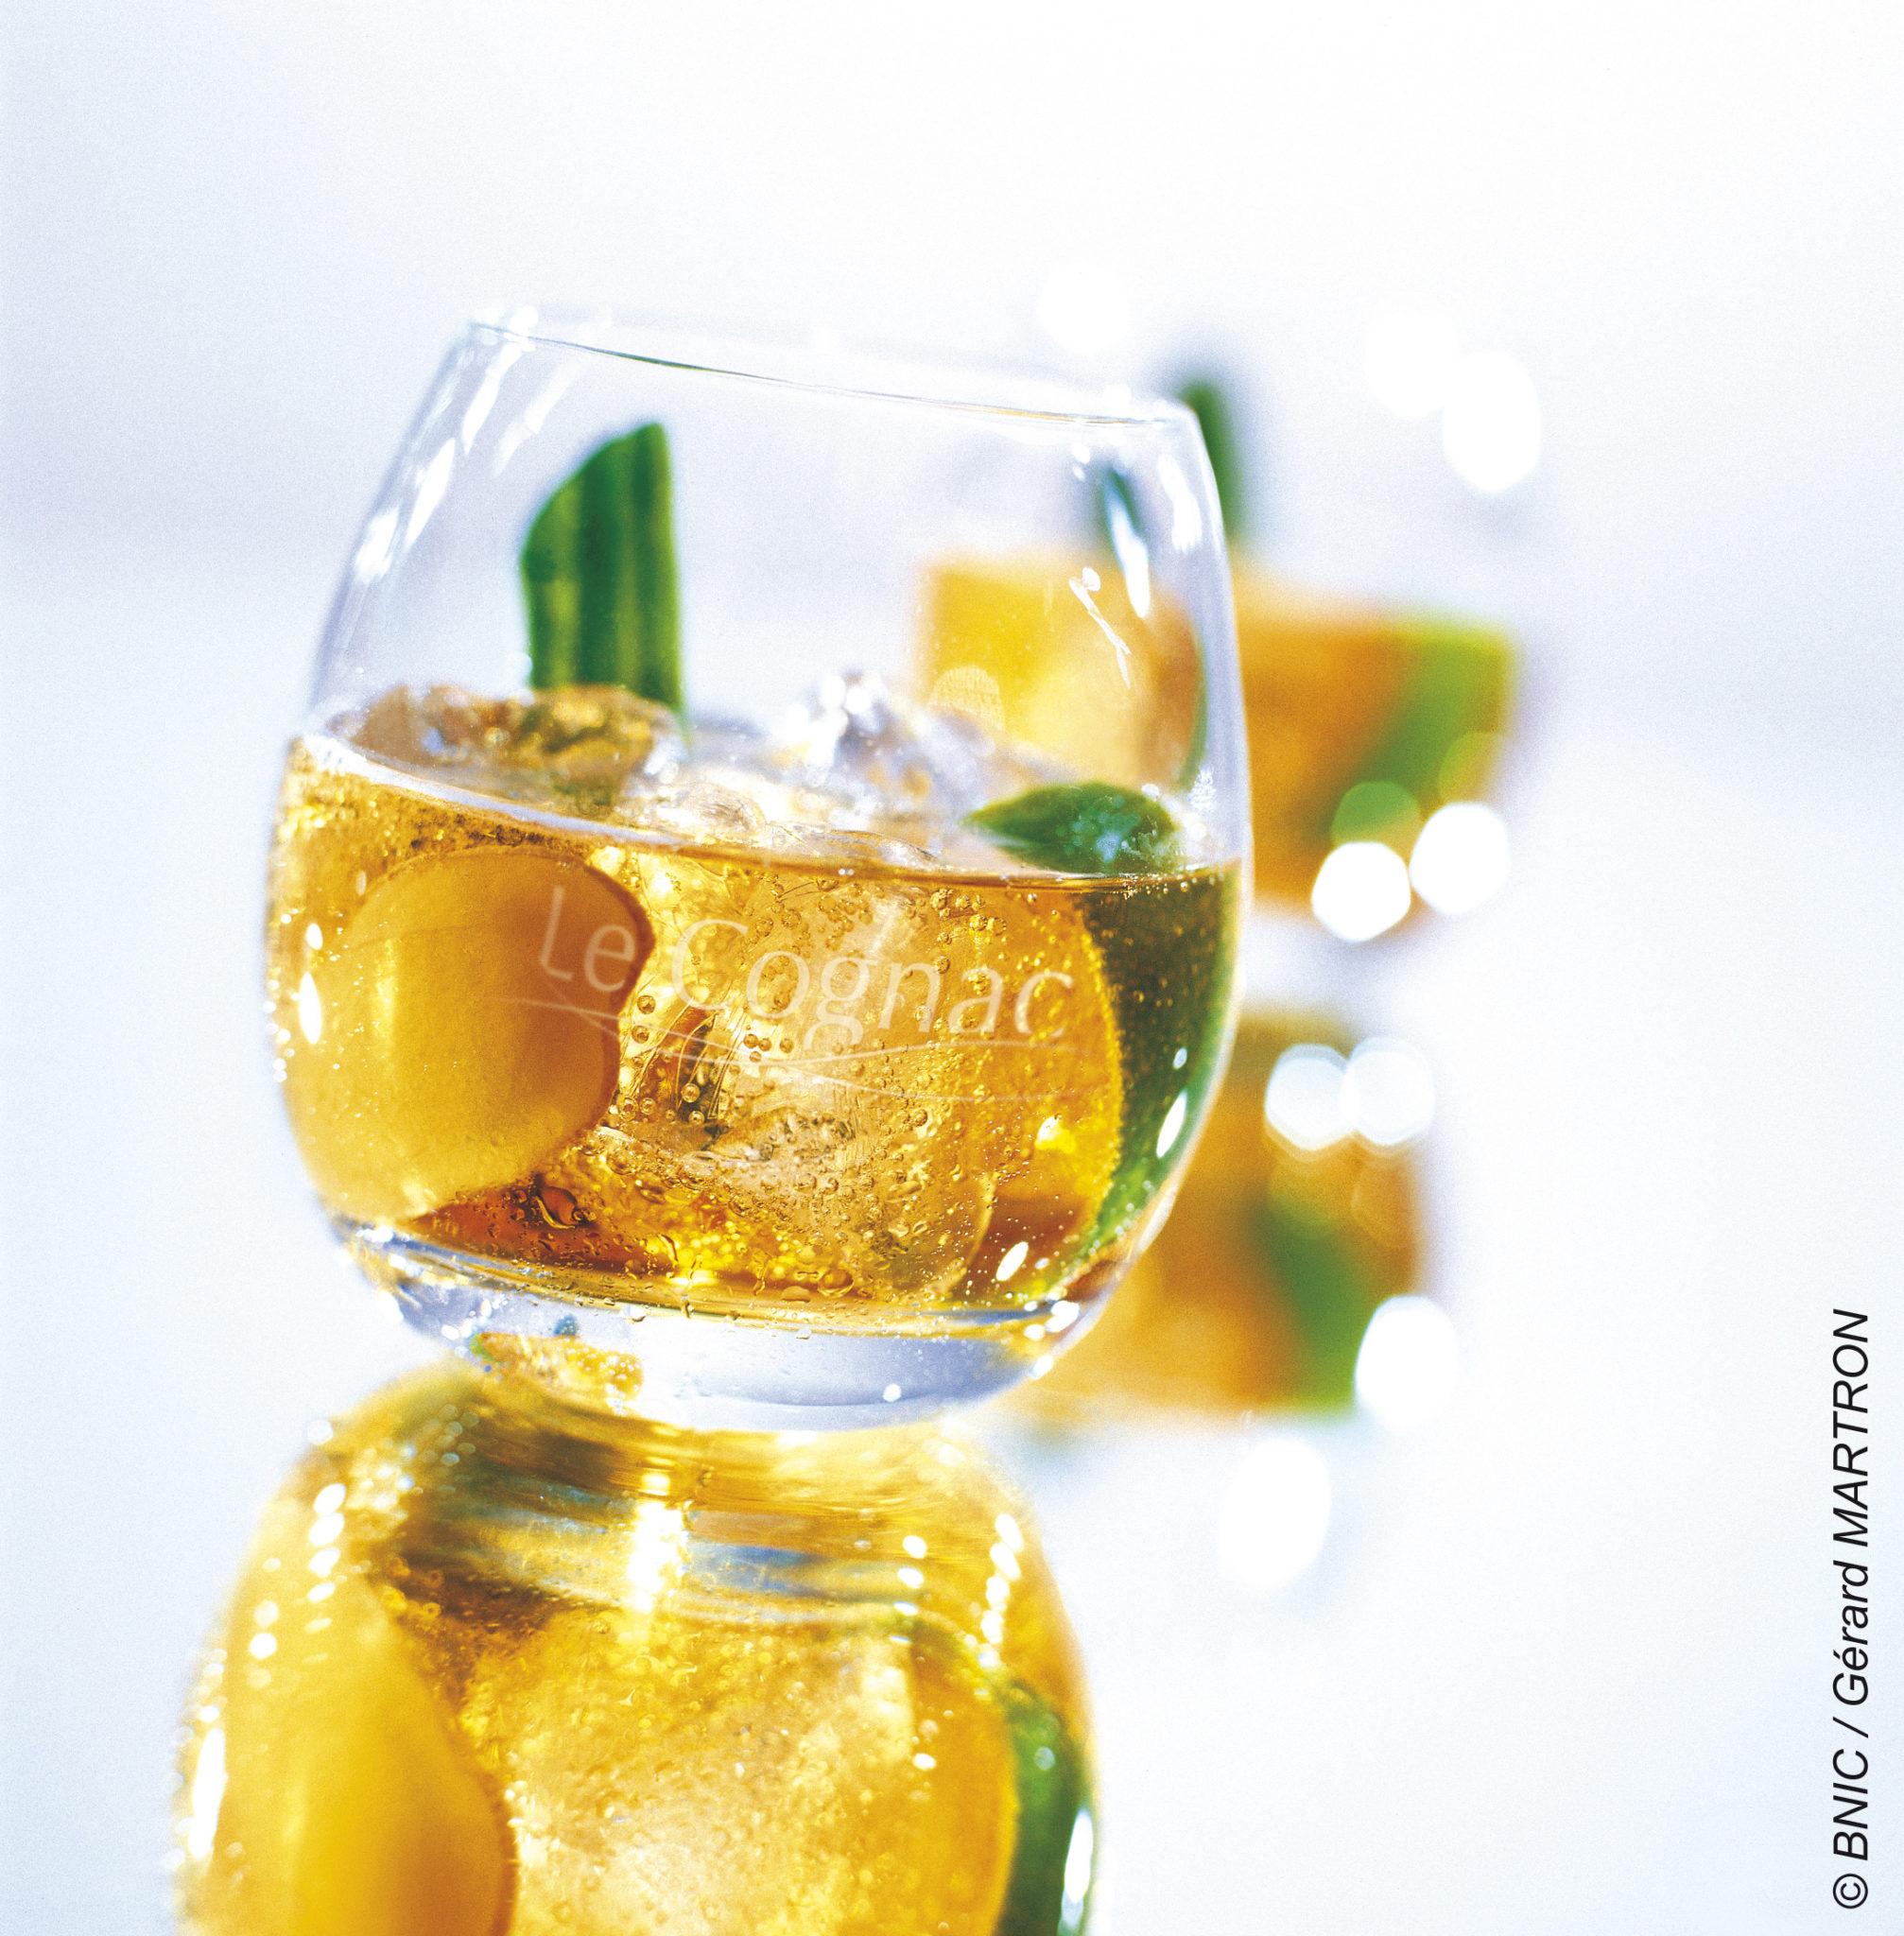 Cognac Summit cocktail signature Cognac